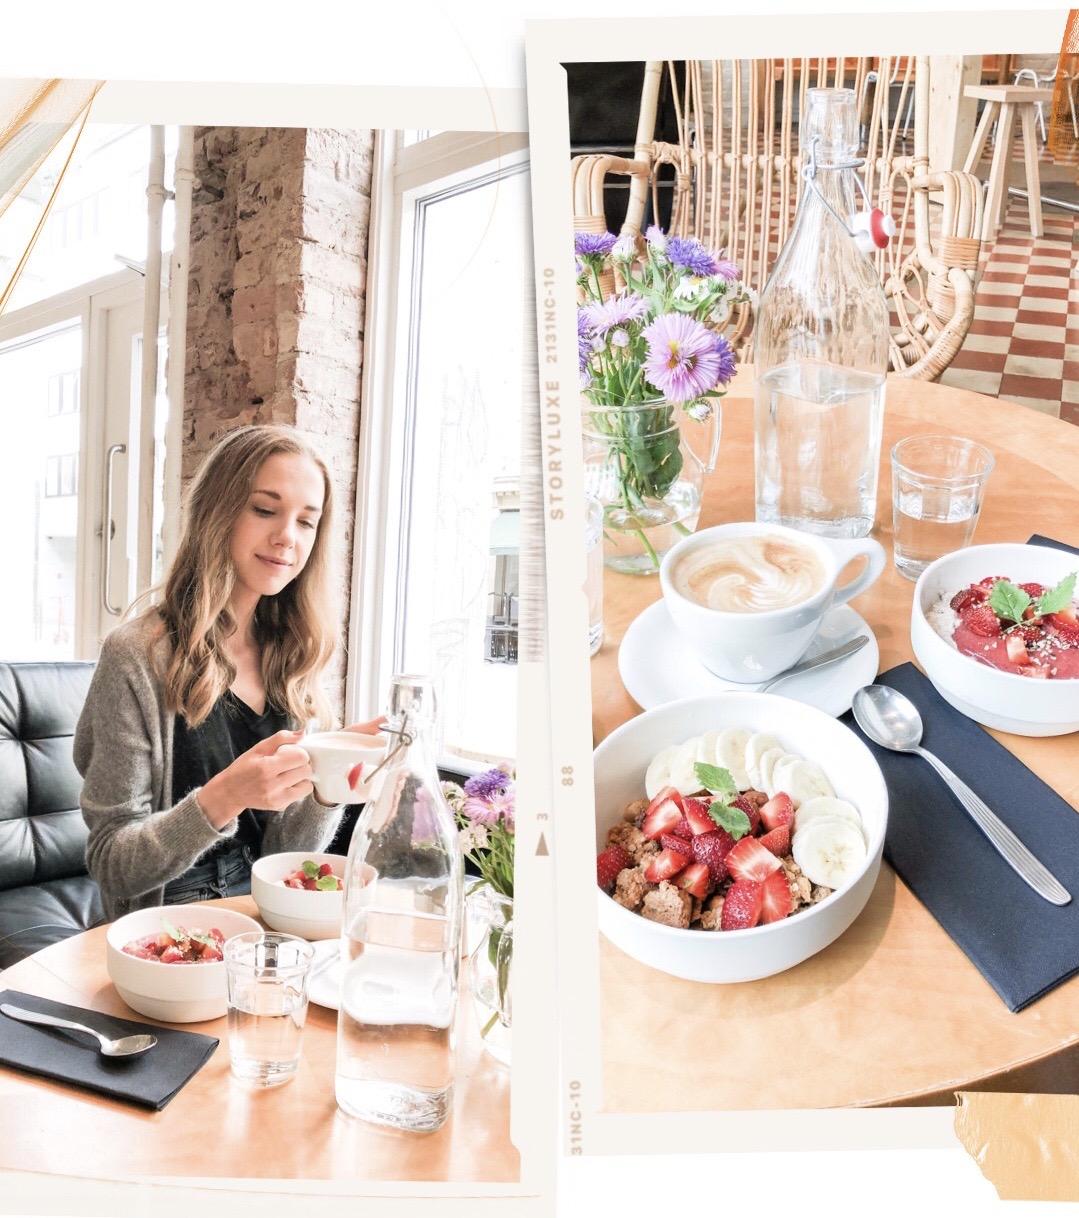 Anima, cafes and restaurants in Helsinki - Helsingin parhaat kahvilat ja ravintolat, aamupala, brunssi